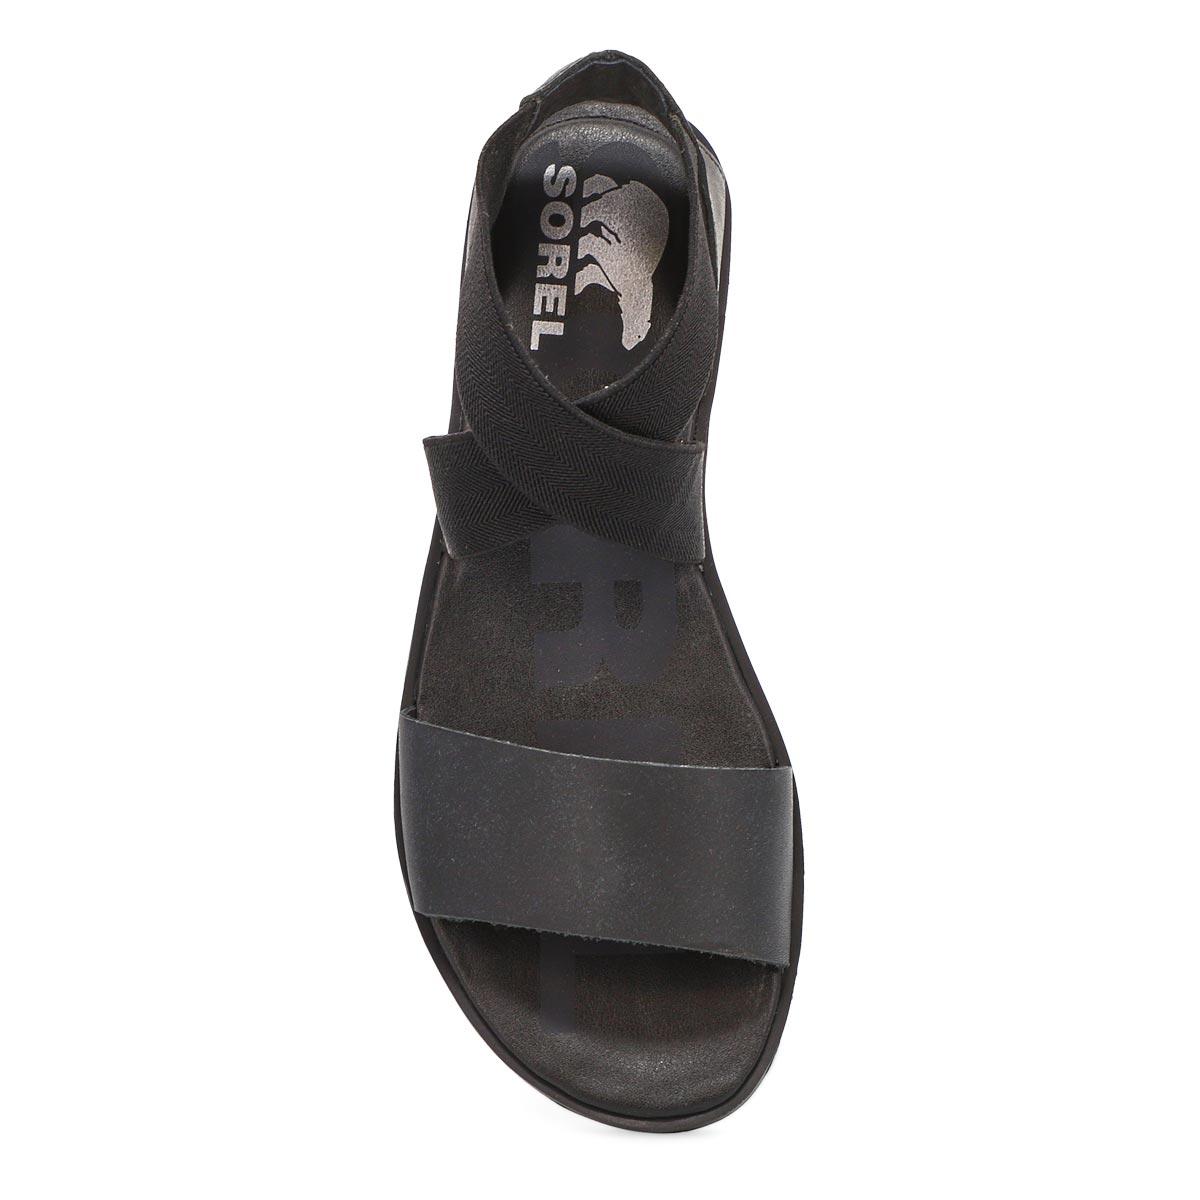 Women's Ella II Casual Sandal - Black